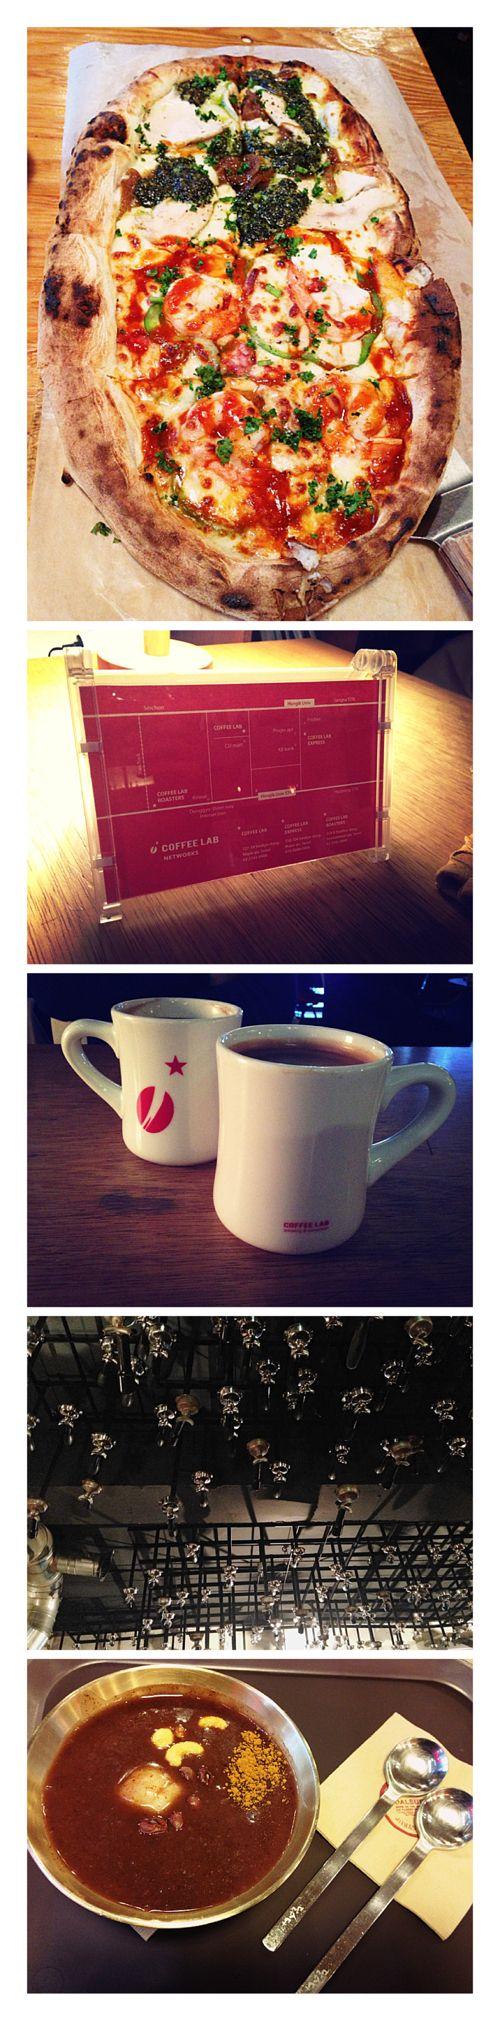 2013.12.22 #홍대#1차-코요태살룬#2차-coffeelab#3차-달수다 #ㅋㅋ 오늘은동짓날#팥죽먹는날!#내꺼